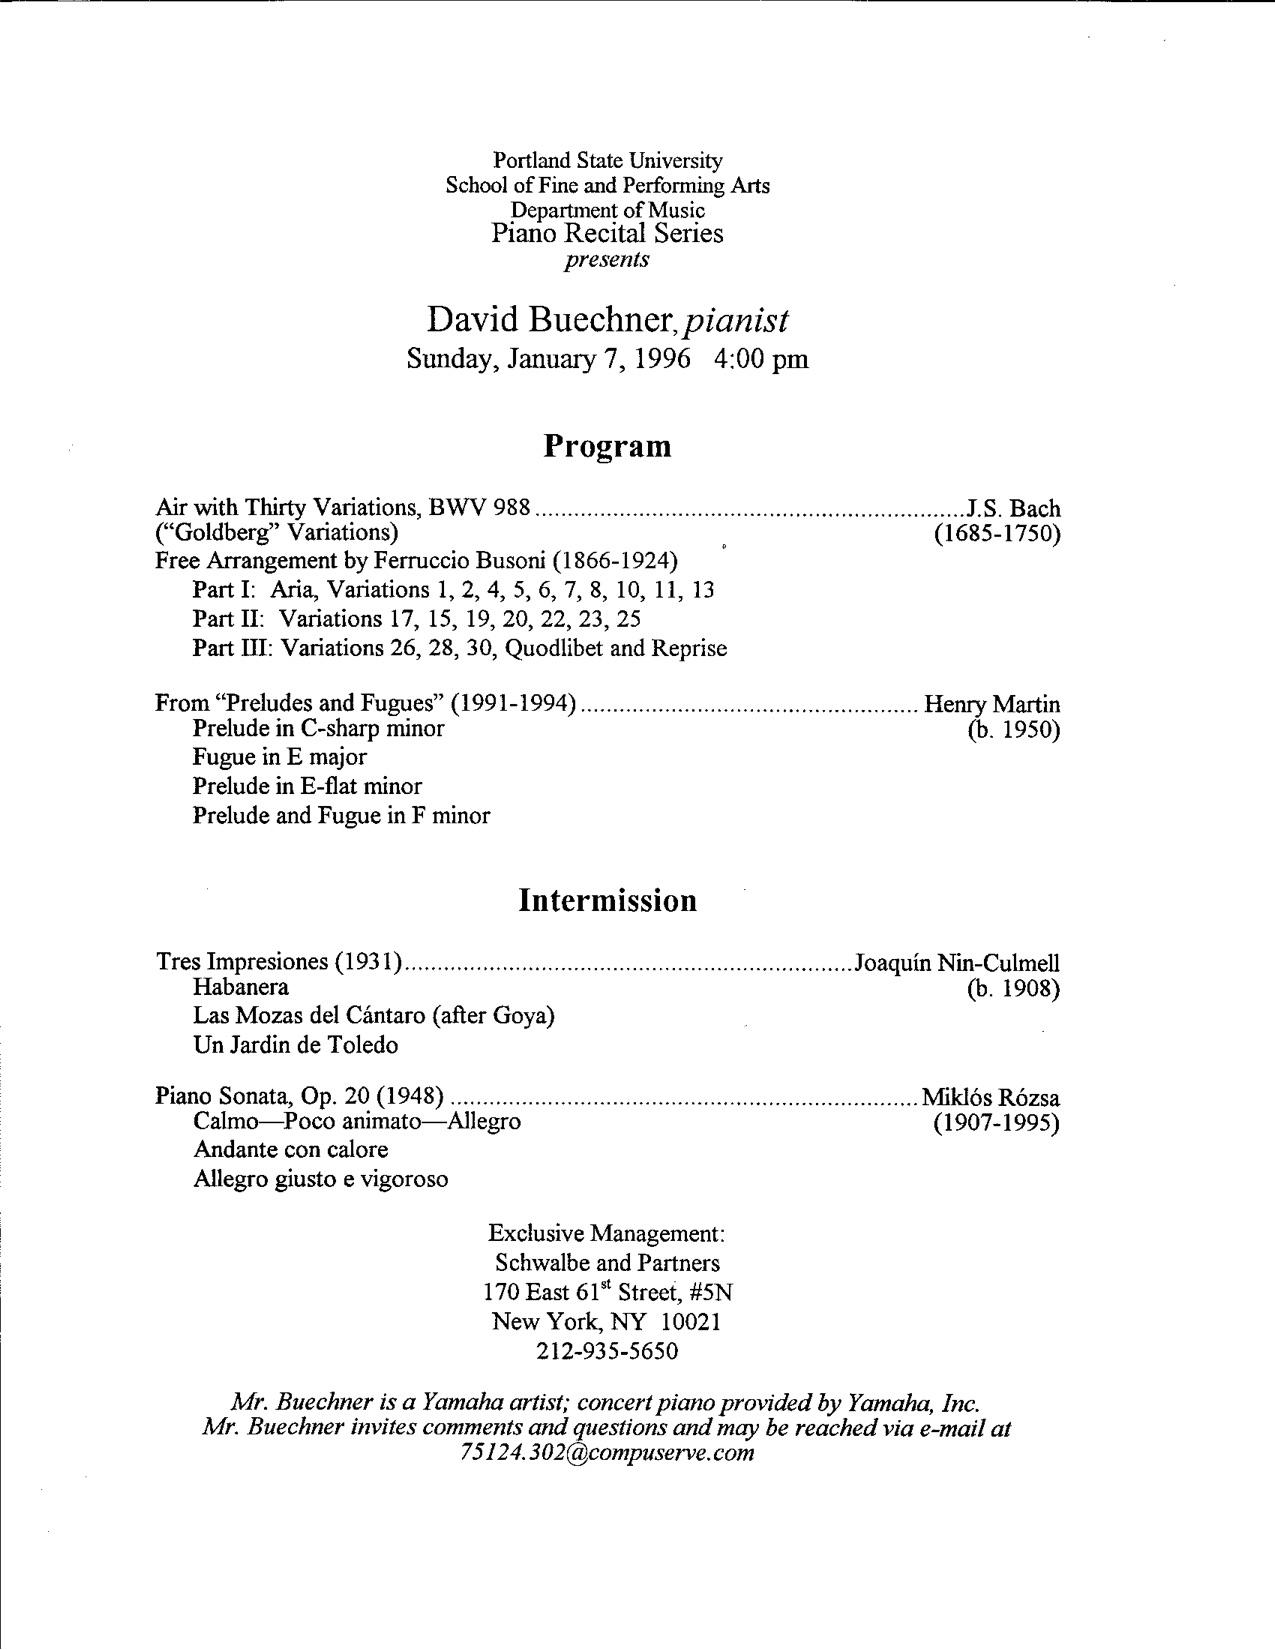 Buechner95-96_Program2.jpg